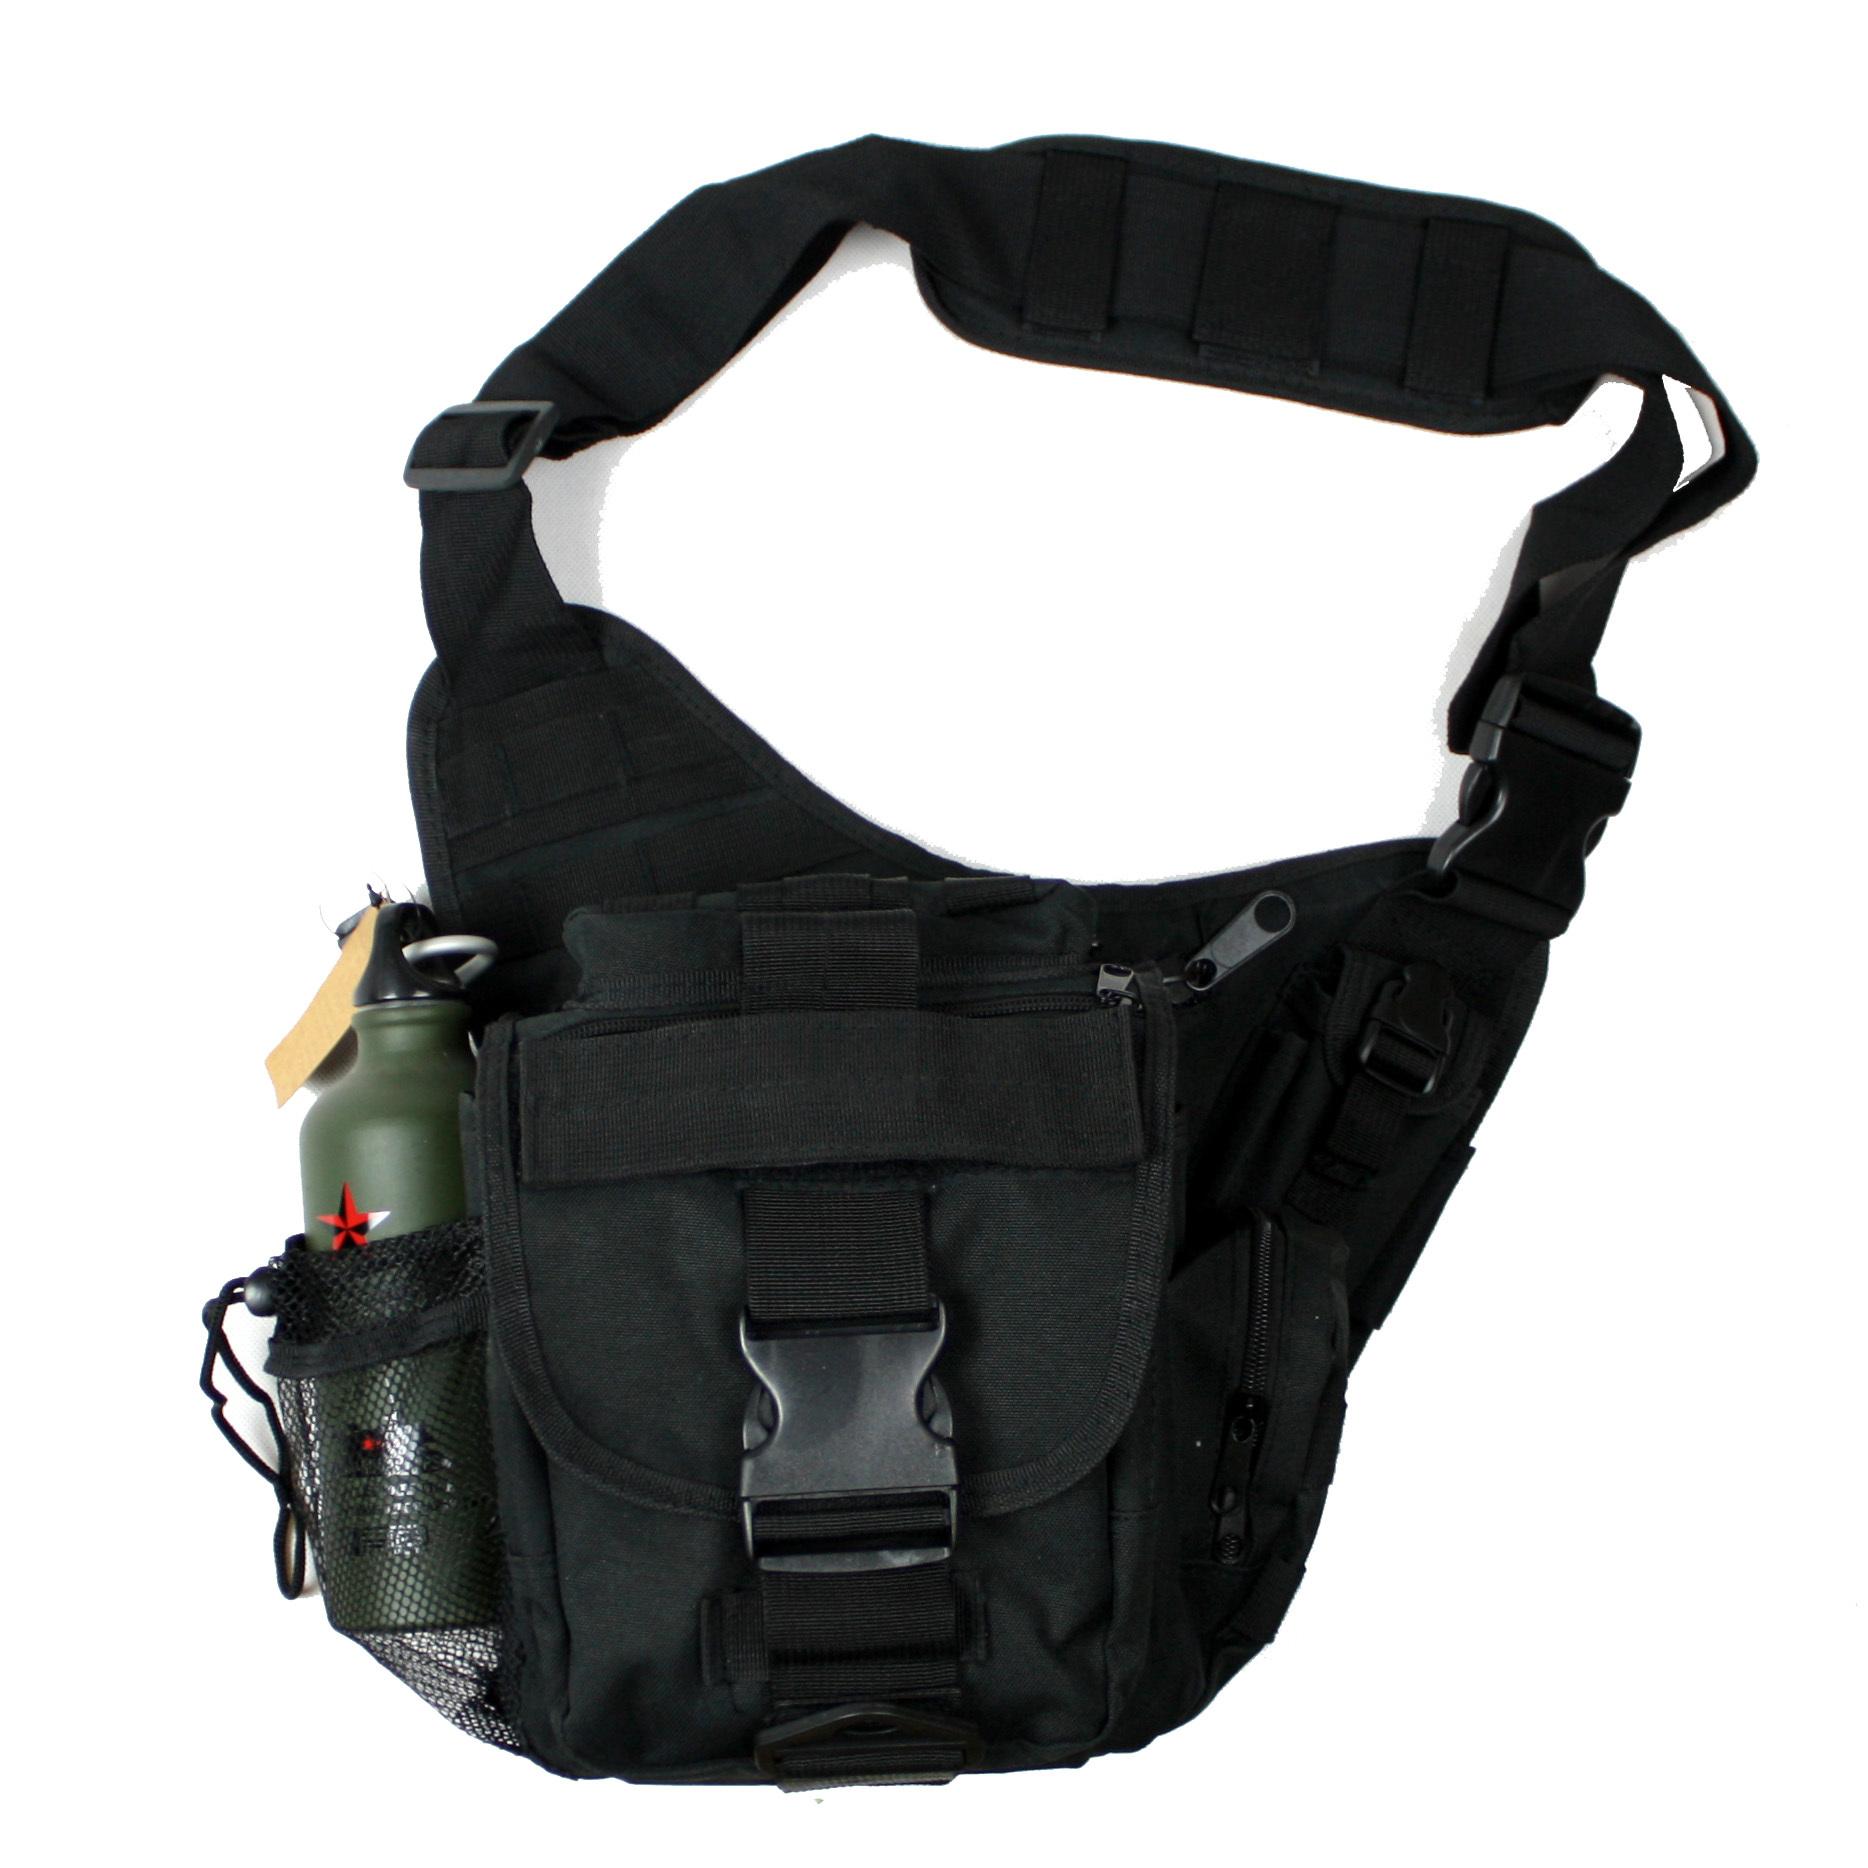 Boutique giải trí ngoài trời ngụy trang lĩnh vực quần áo quân đội nguồn cung cấp fan túi yên túi Messenger túi nhiếp ảnh túi vai túi